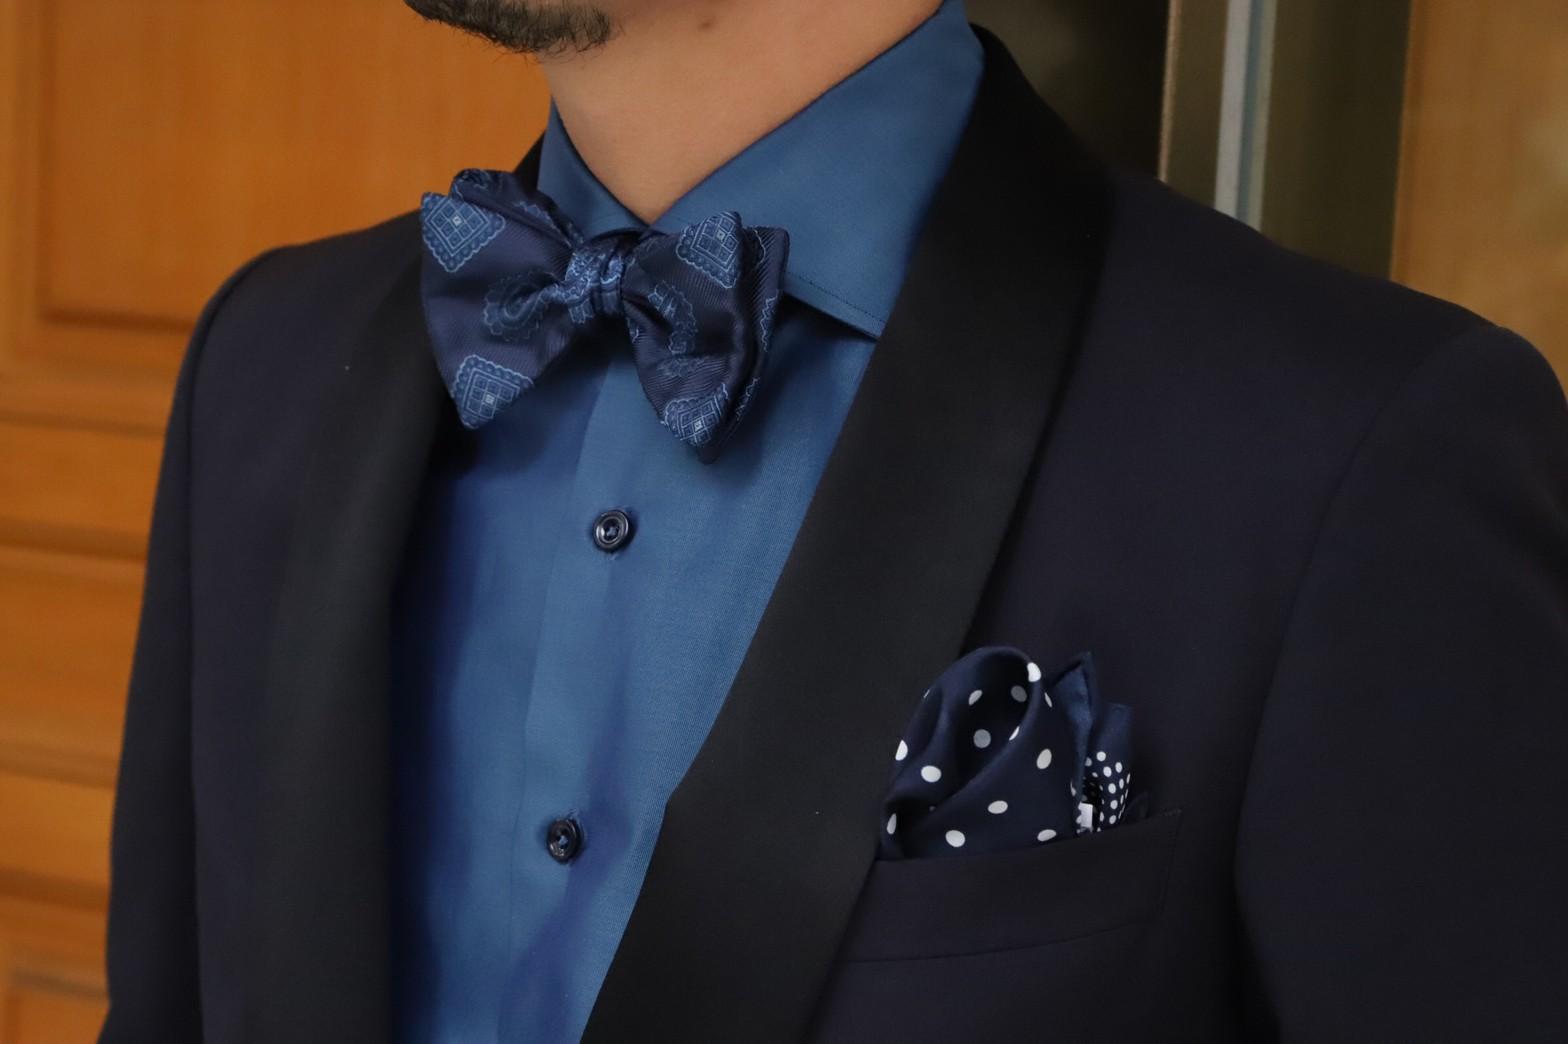 ザトリートドレッシング京都店がご紹介するご新郎様におすすめのタキシードに合わせたお色直しシャツです。